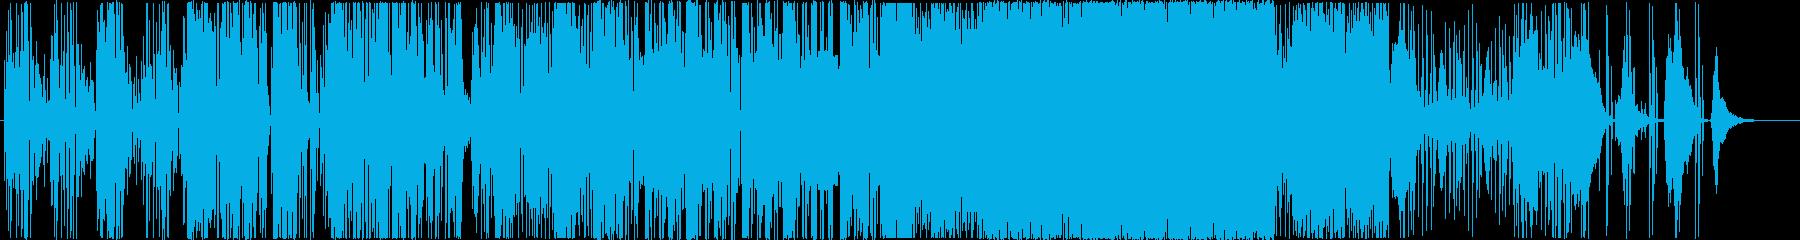 サイバー&テクノロジーなBGMの再生済みの波形